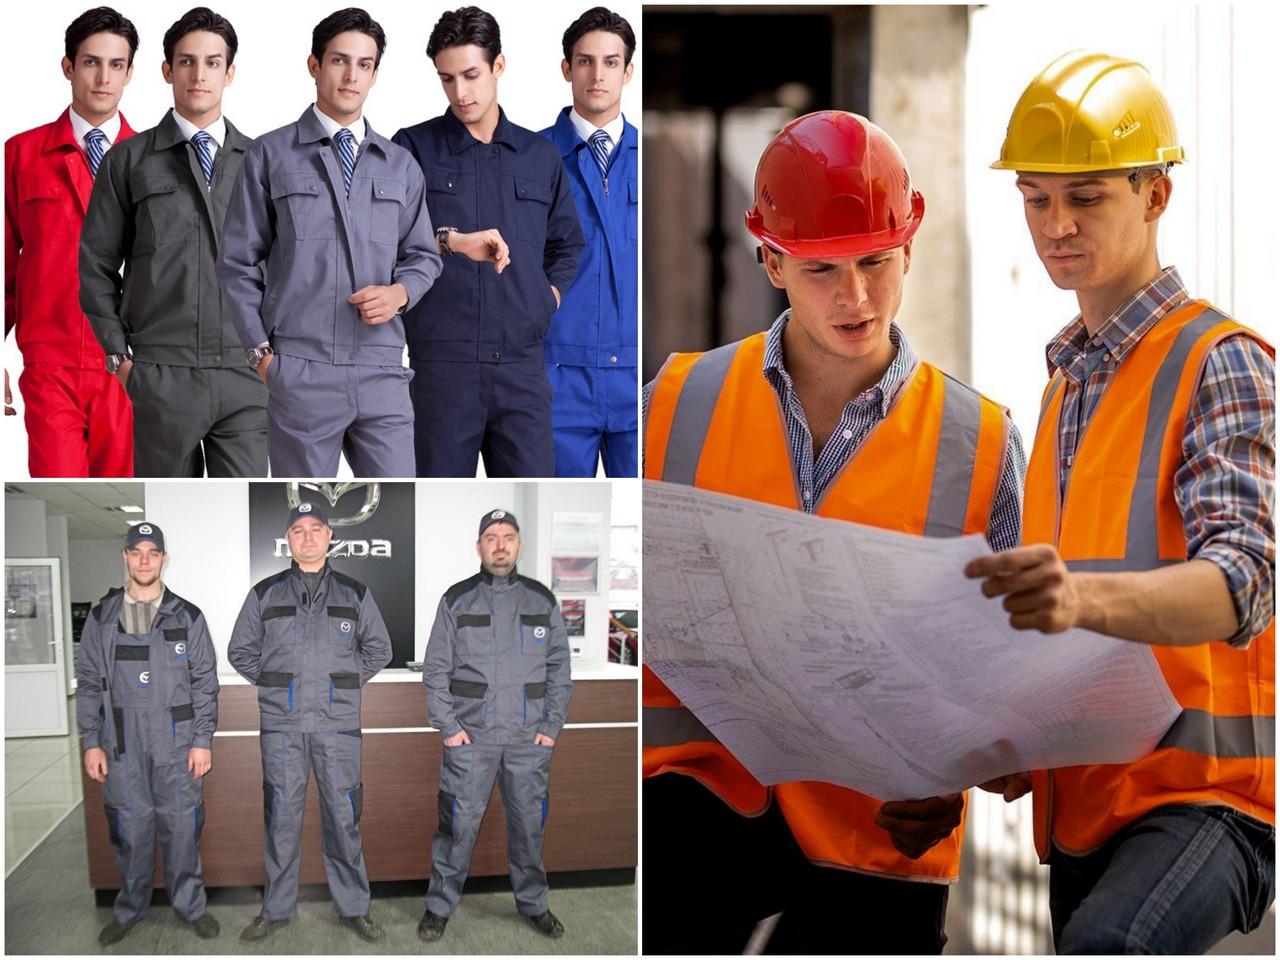 Какую рабочую одежду носят, в зависимости от разных профессий